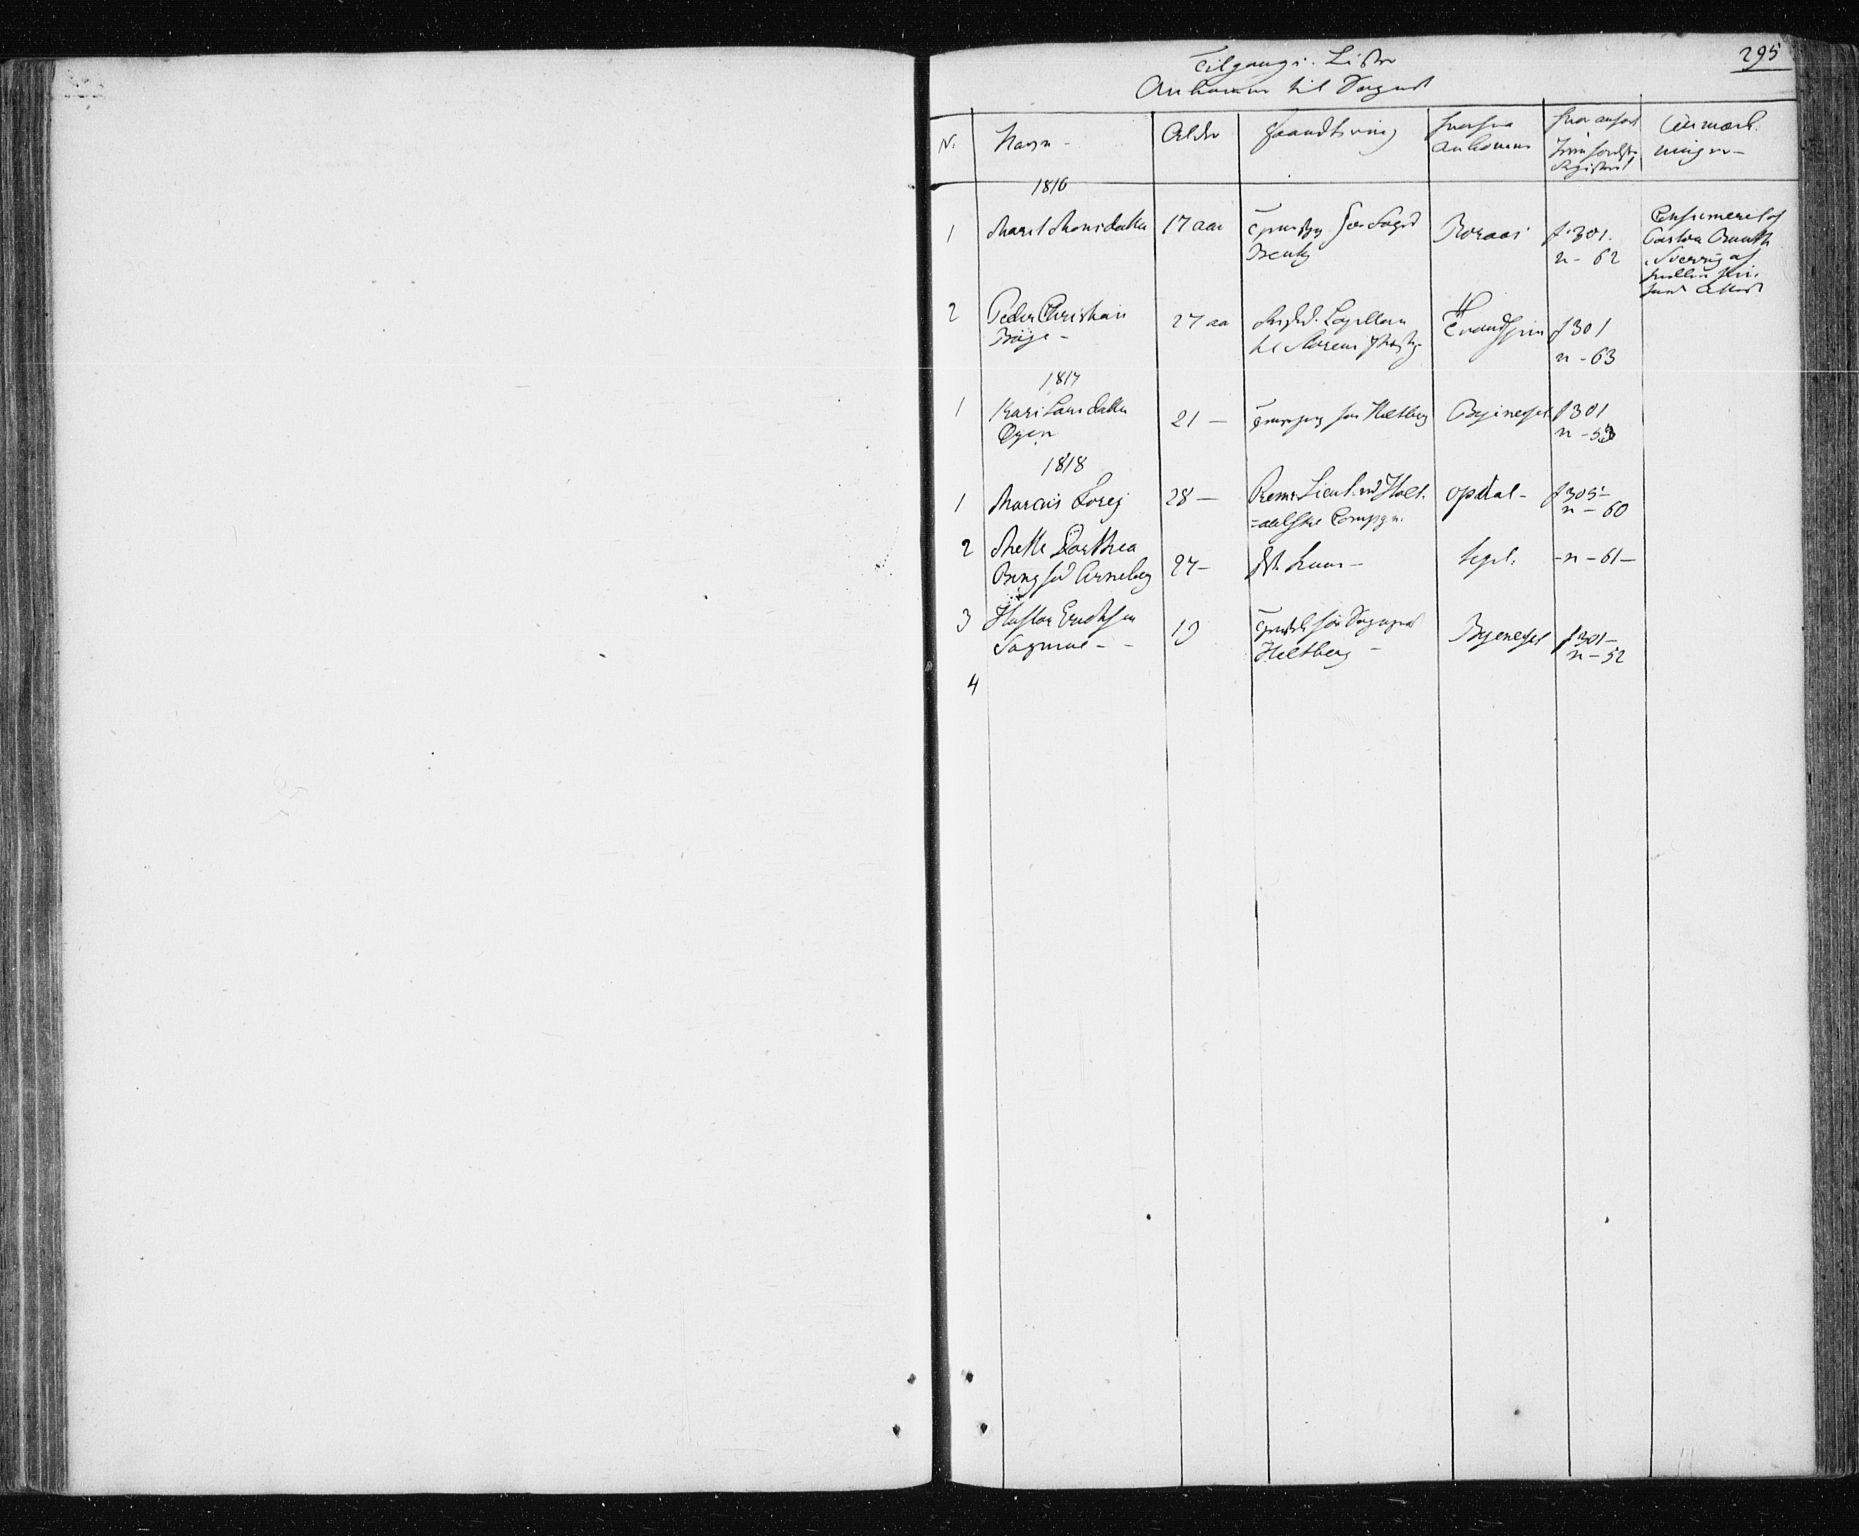 SAT, Ministerialprotokoller, klokkerbøker og fødselsregistre - Sør-Trøndelag, 687/L1017: Klokkerbok nr. 687C01, 1816-1837, s. 295